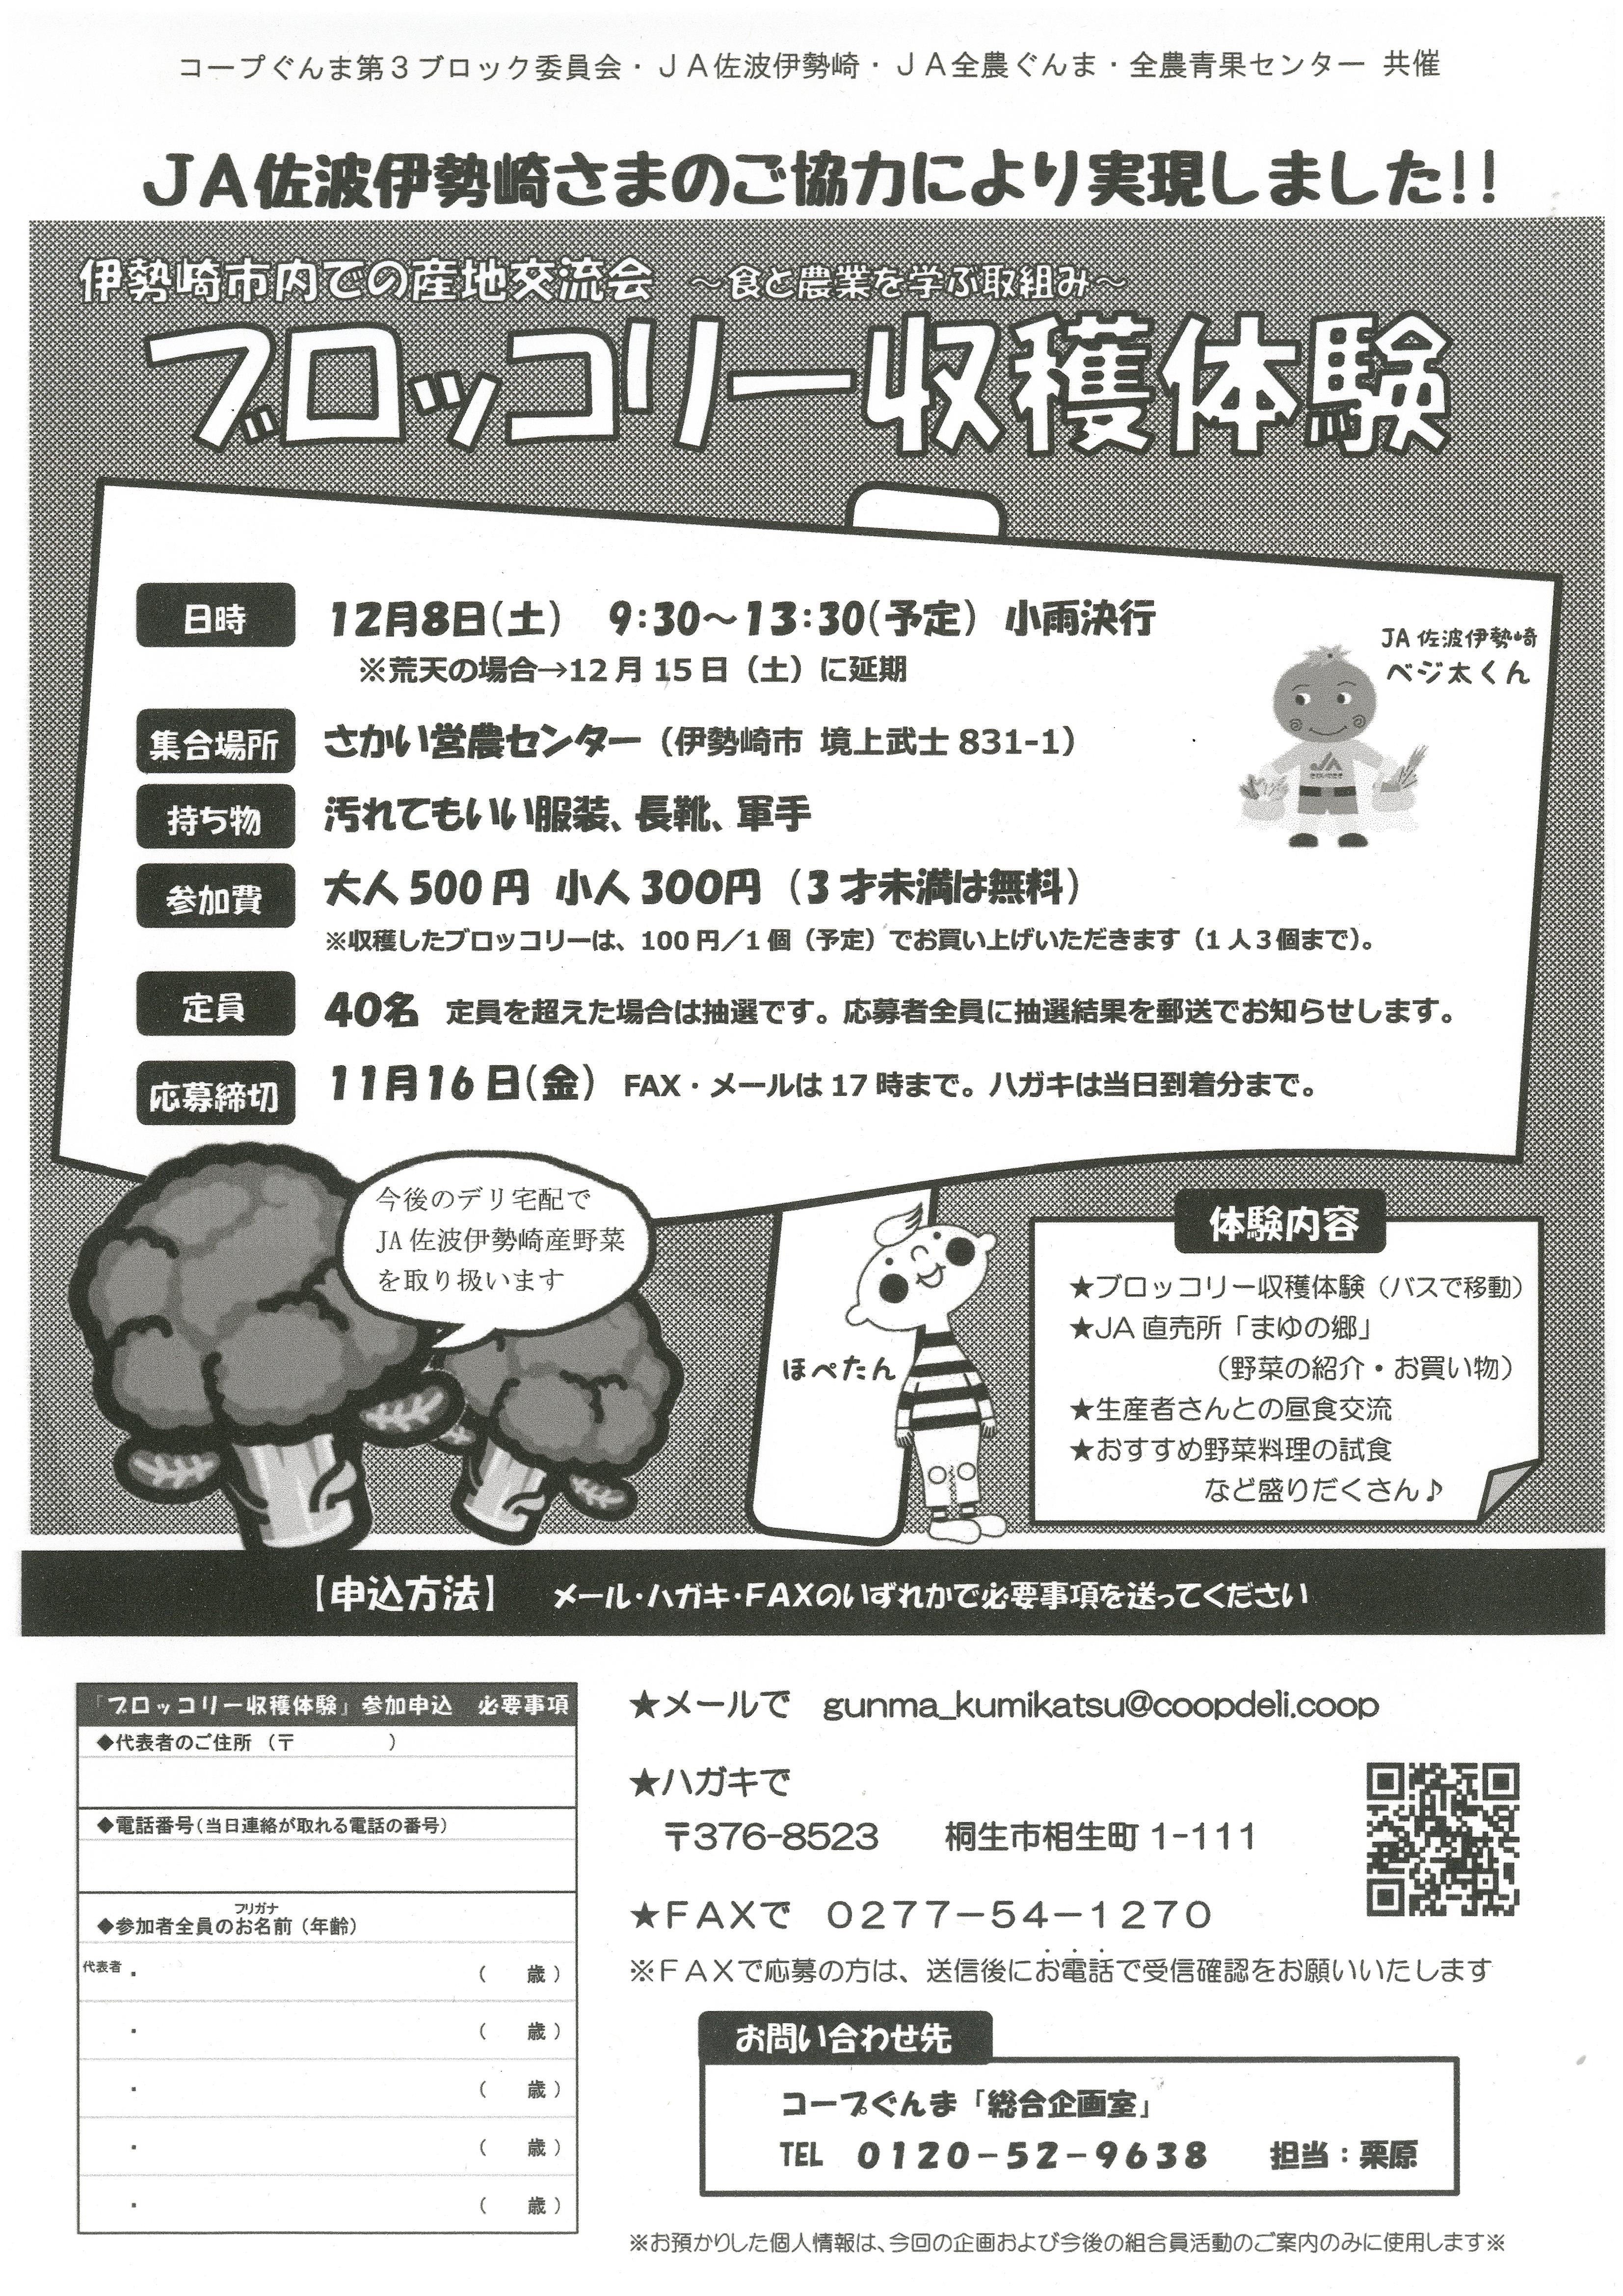 【第3伊勢崎佐波ブロック】ブロッコリー収穫体験のお知らせ